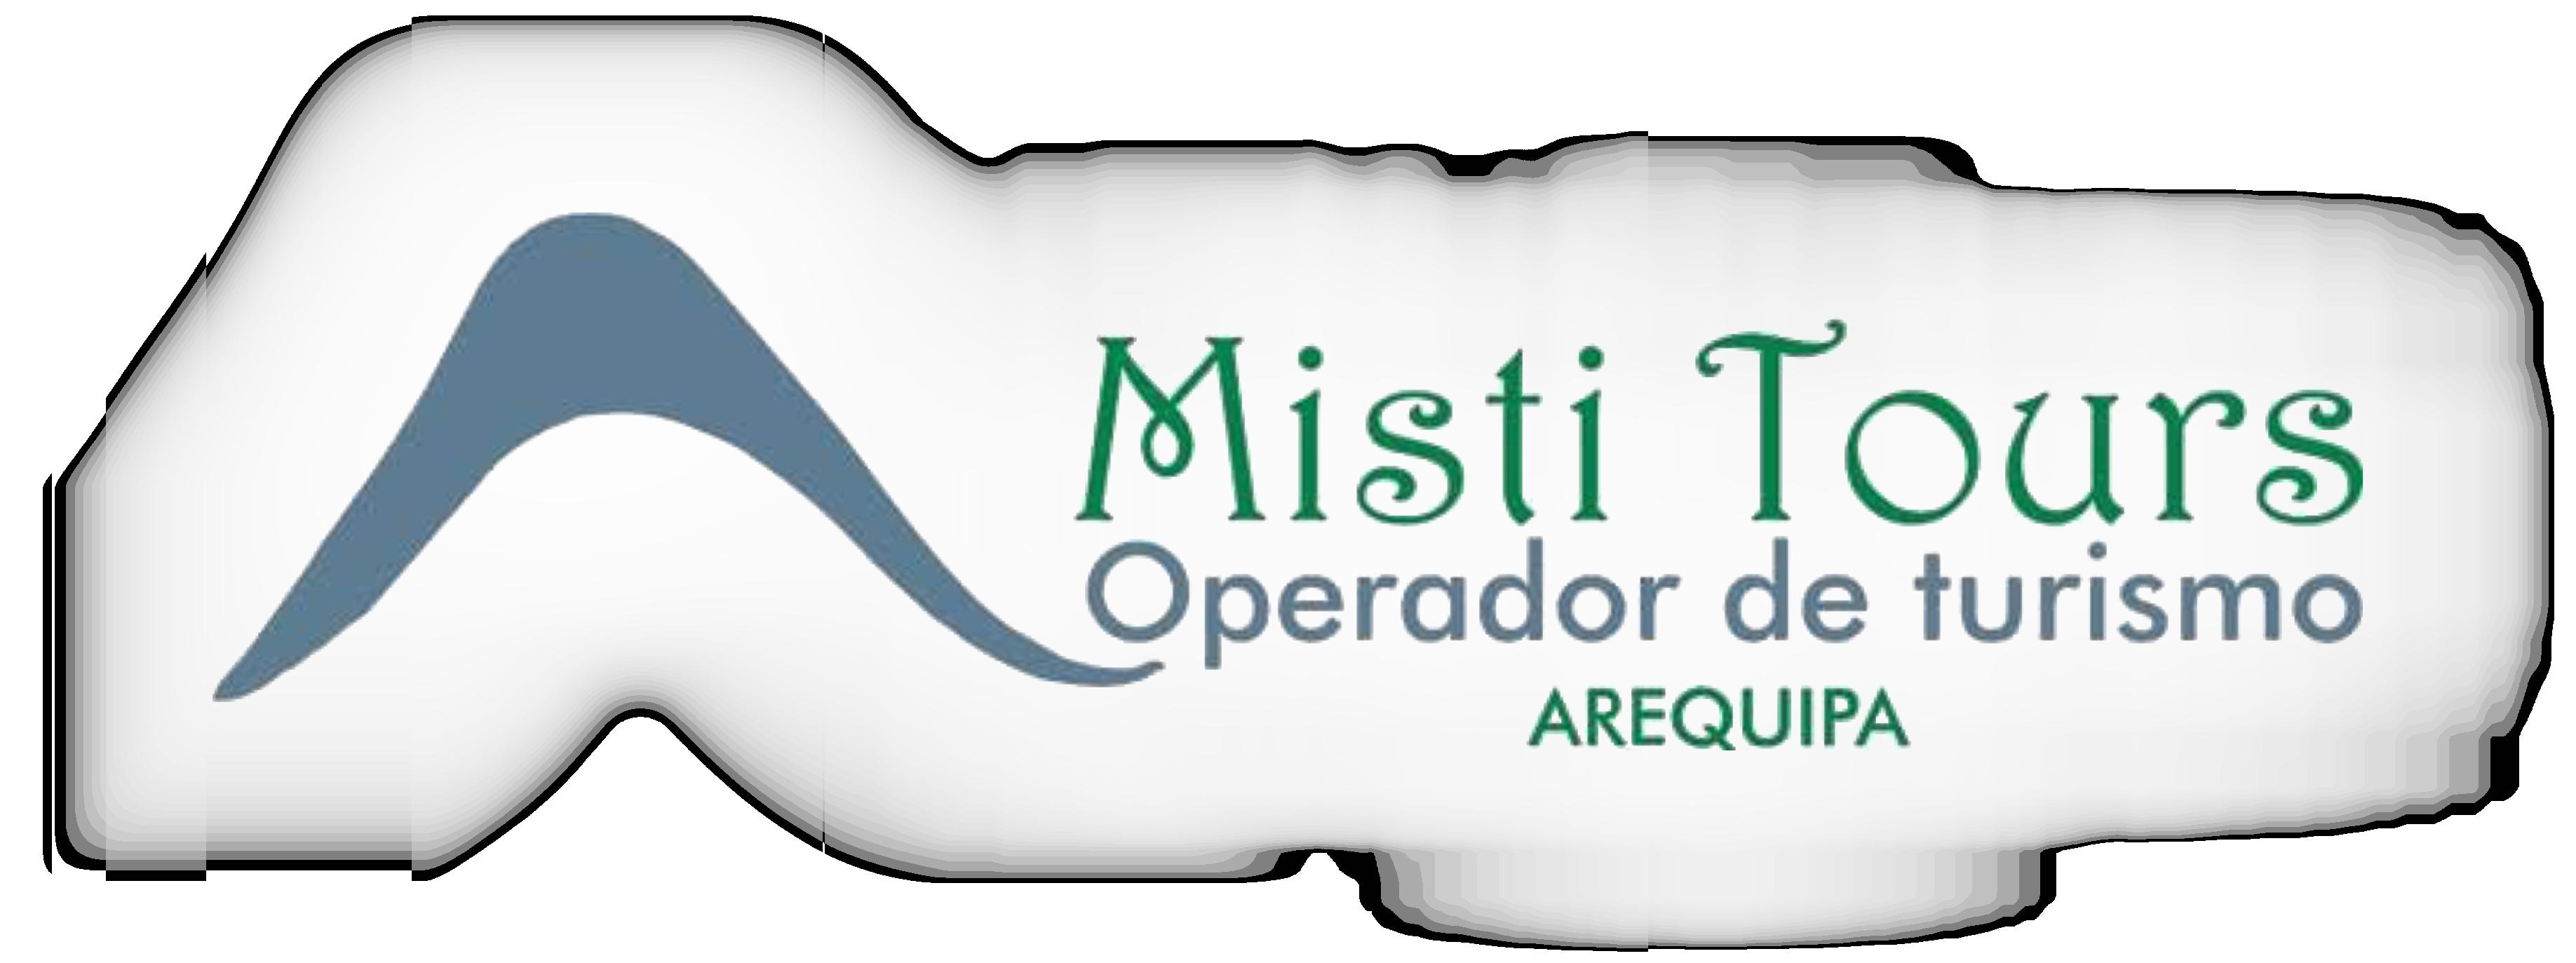 Misti Tours